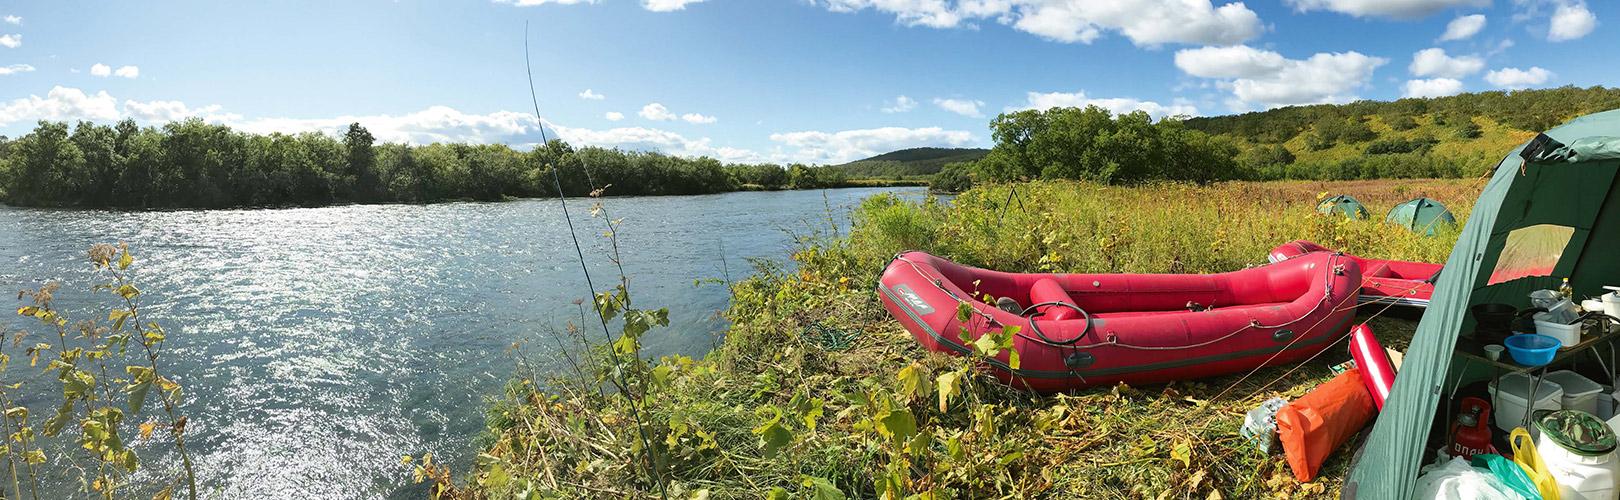 Guiderne klargører vores gummibåde, mens vi rigger grejet til og begynder at fiske.